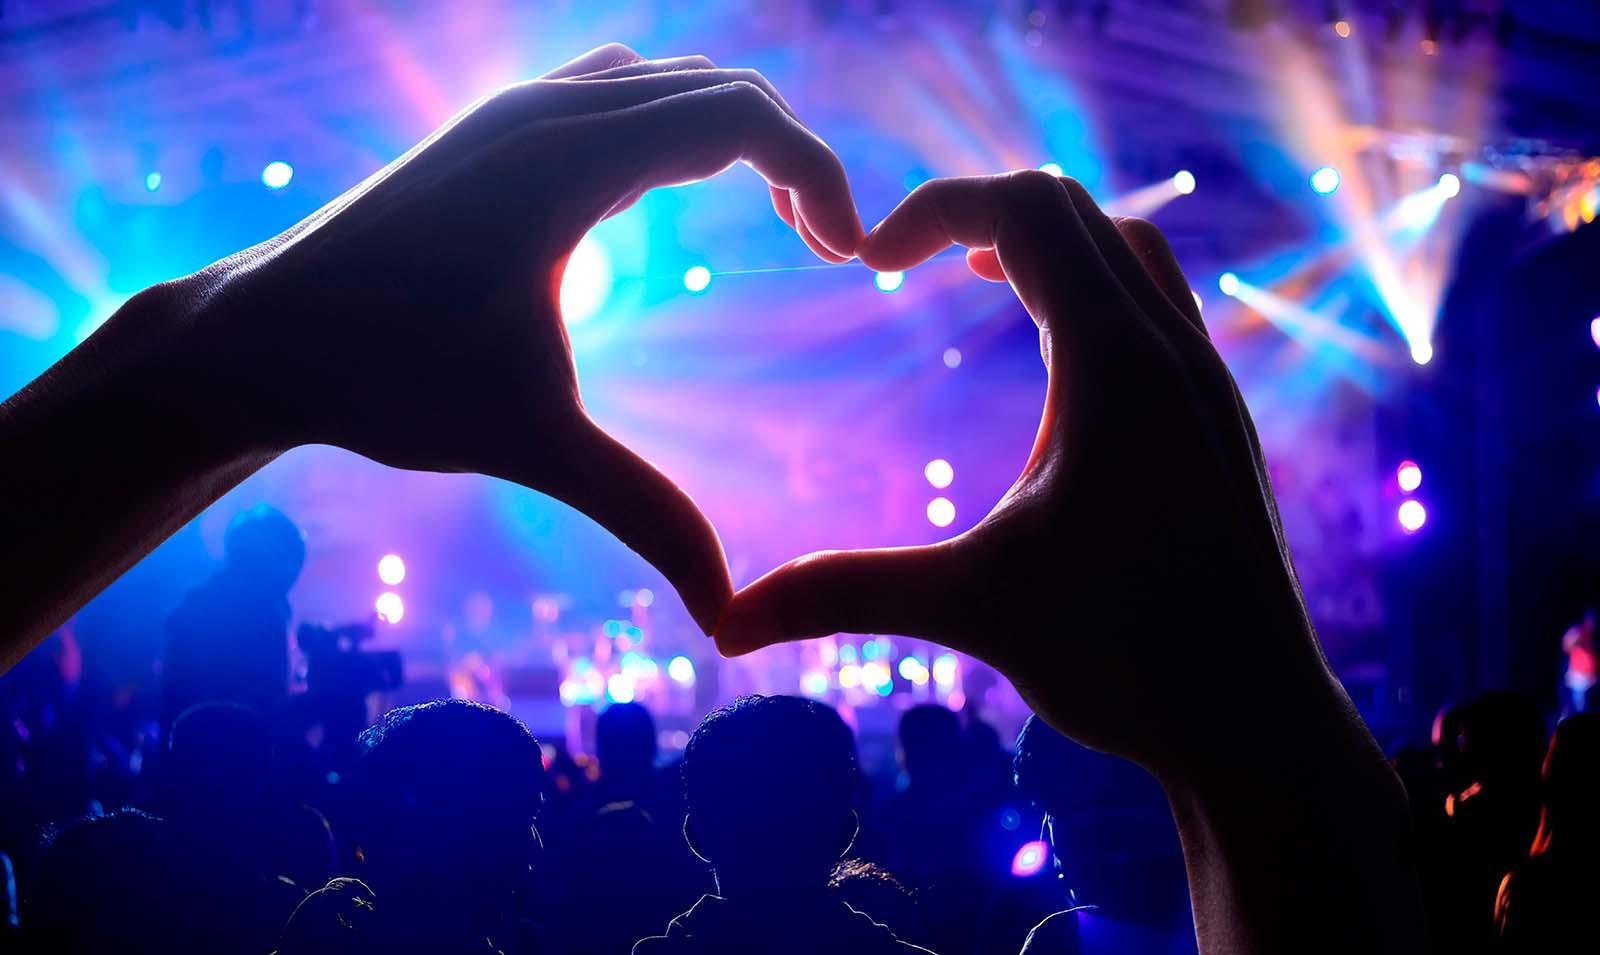 Живата музика намалява хормоните на стреса